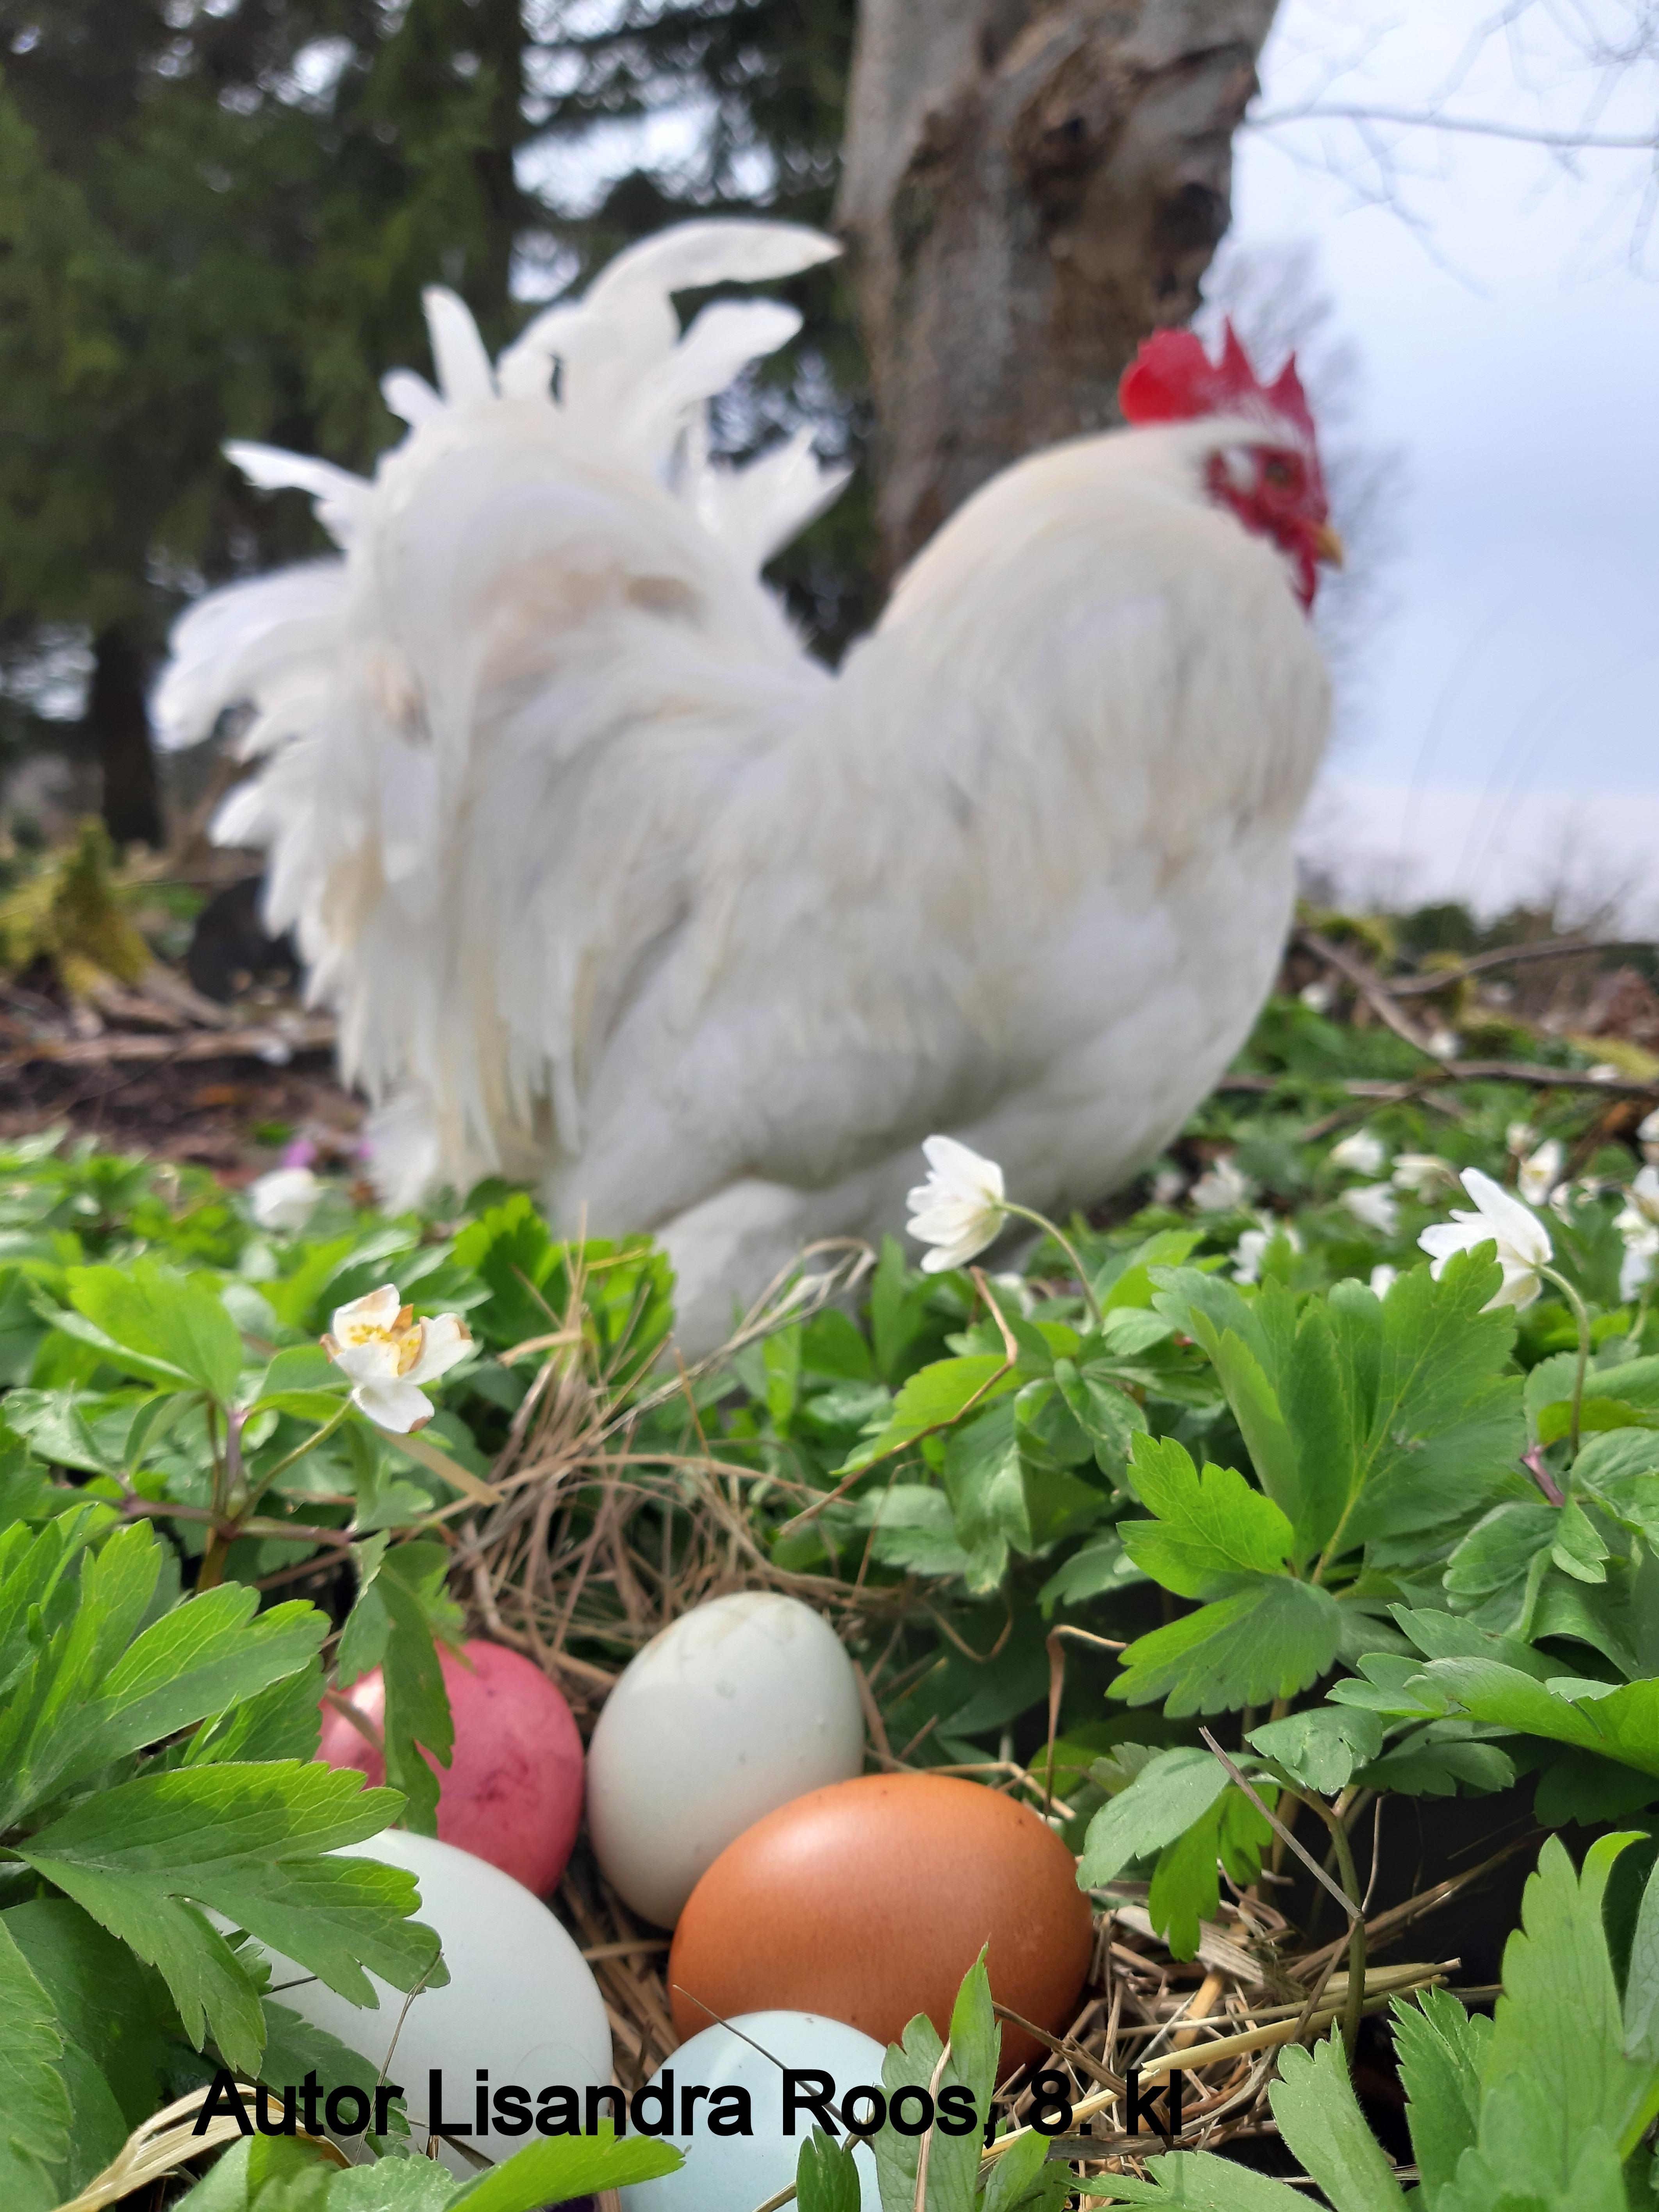 Lisandra Roos kompositsioon kana ja munadega